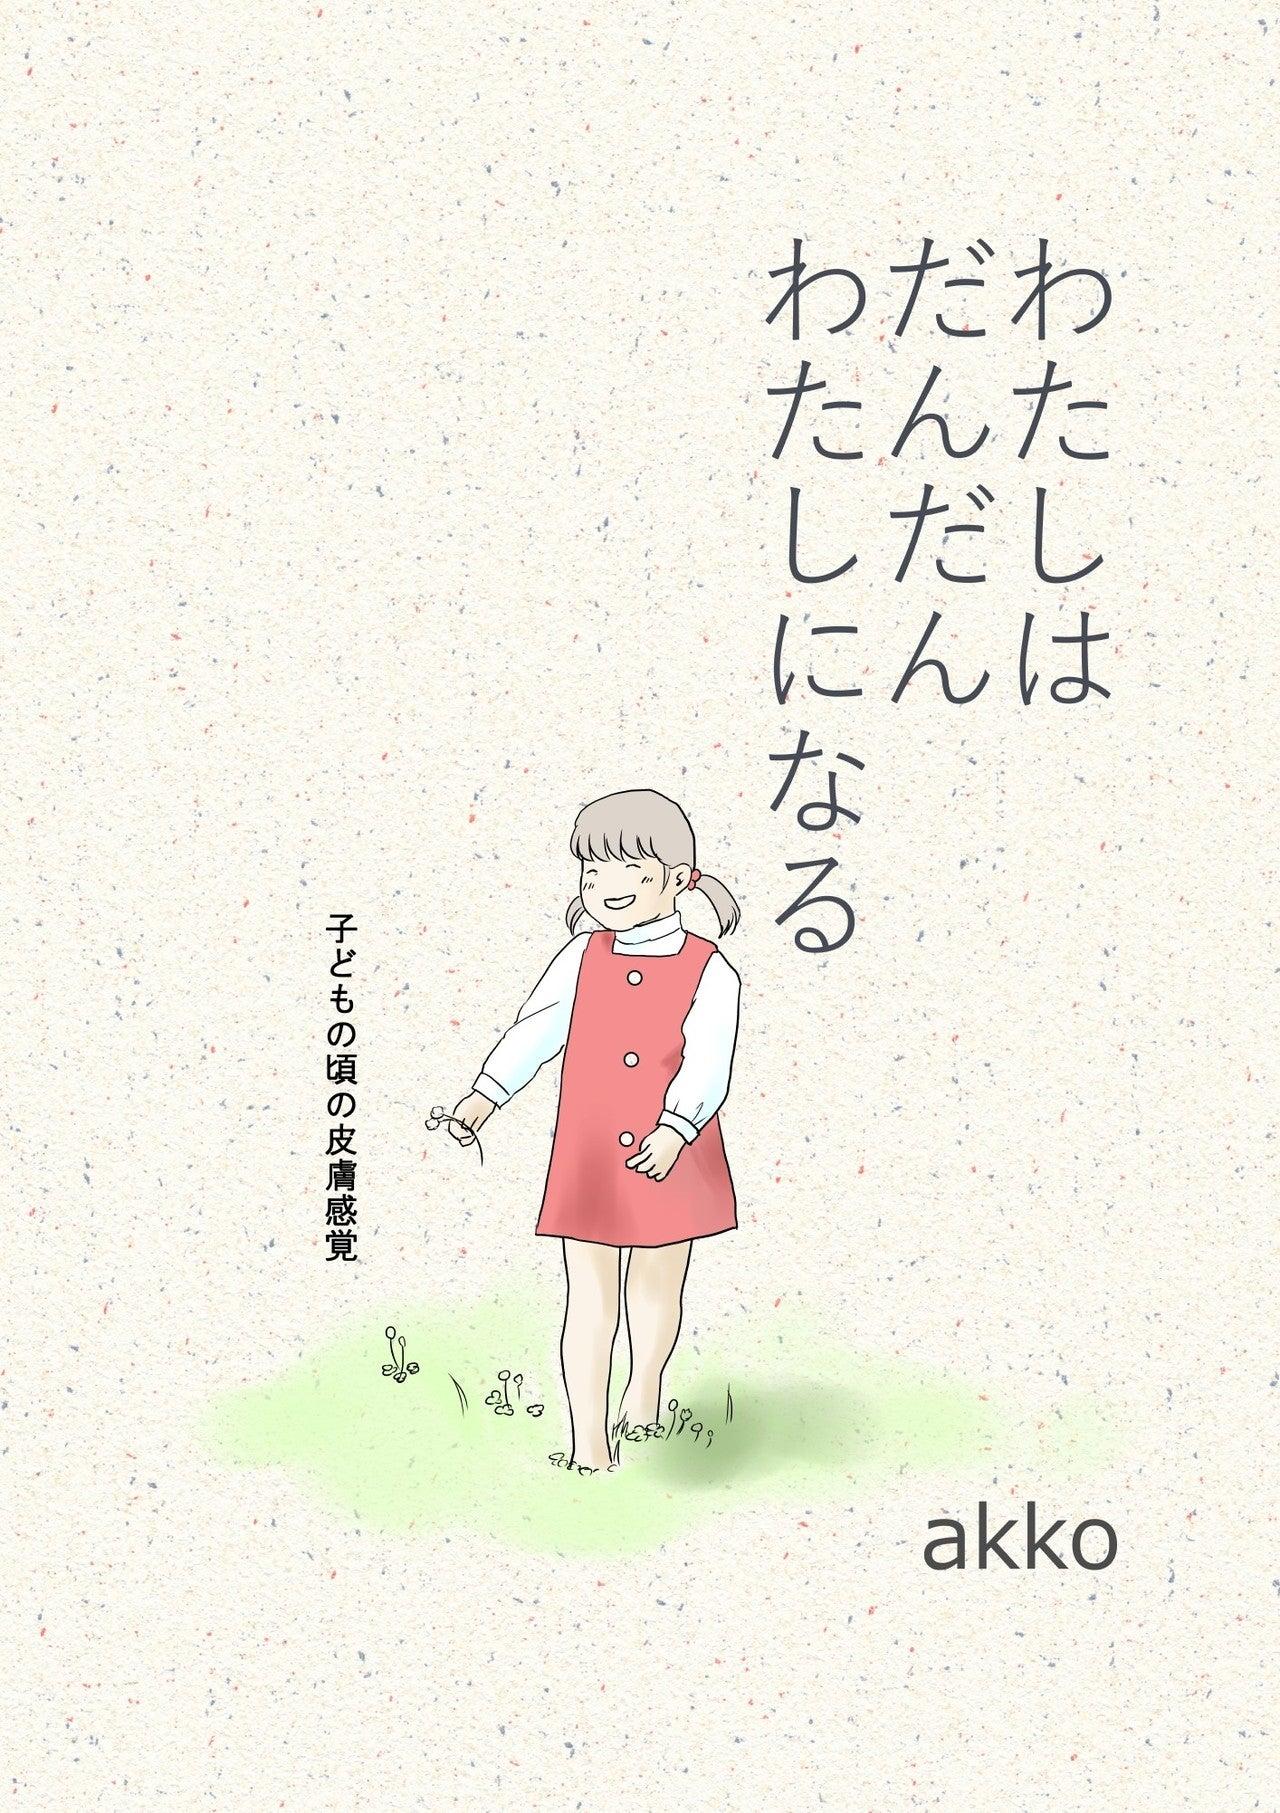 子どもの頃の皮膚感覚_001